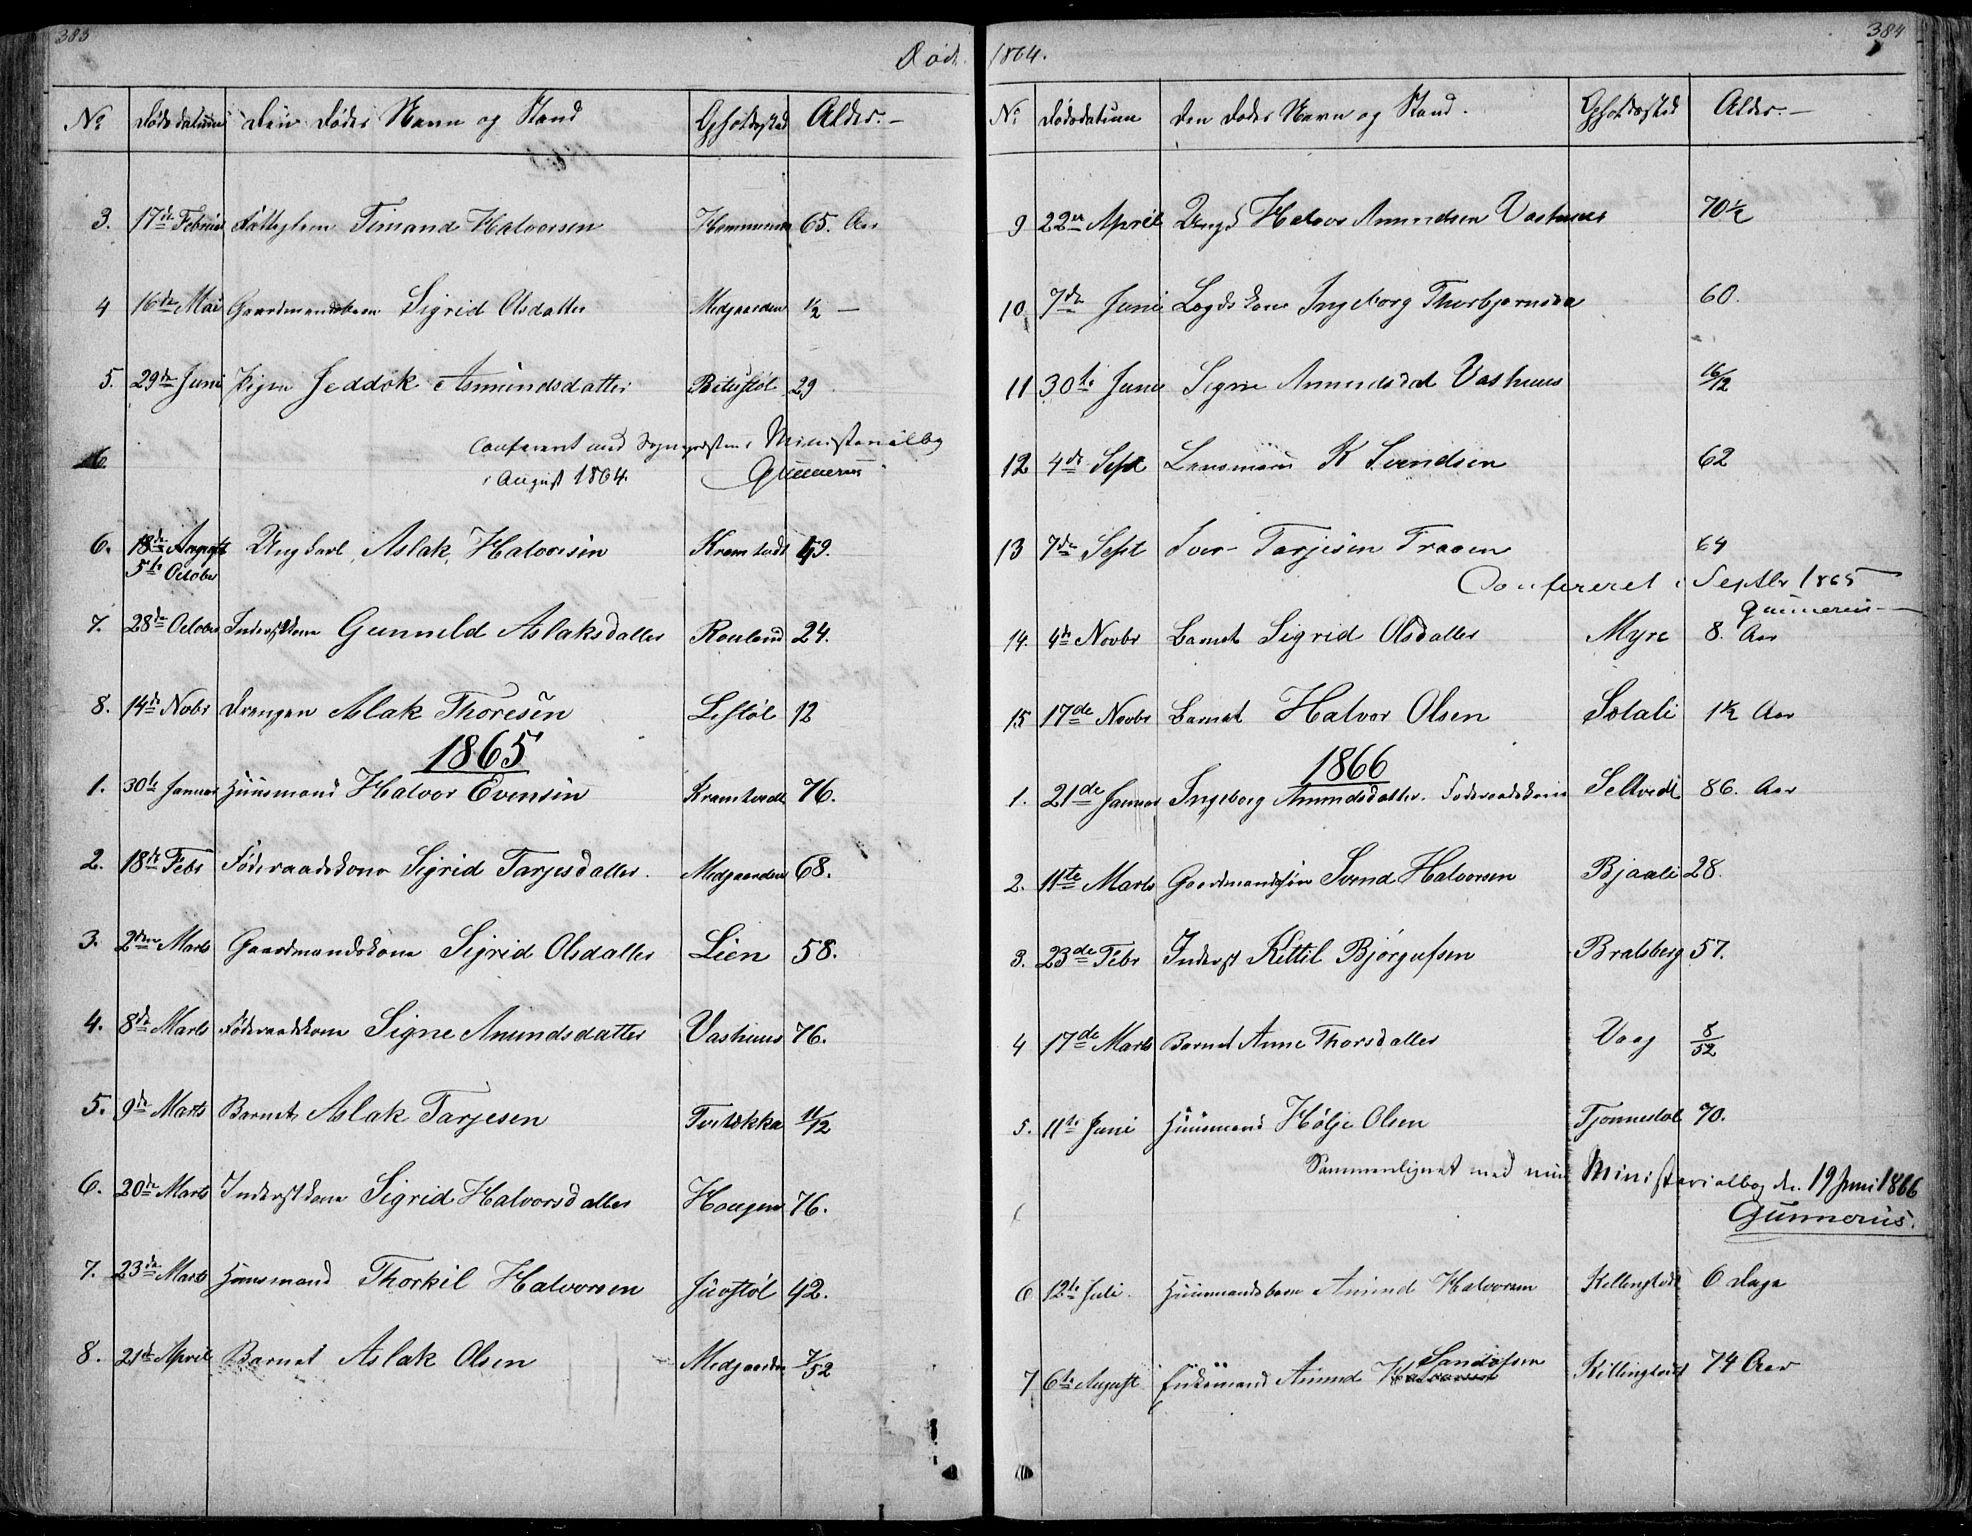 SAKO, Rauland kirkebøker, G/Ga/L0002: Klokkerbok nr. I 2, 1849-1935, s. 383-384